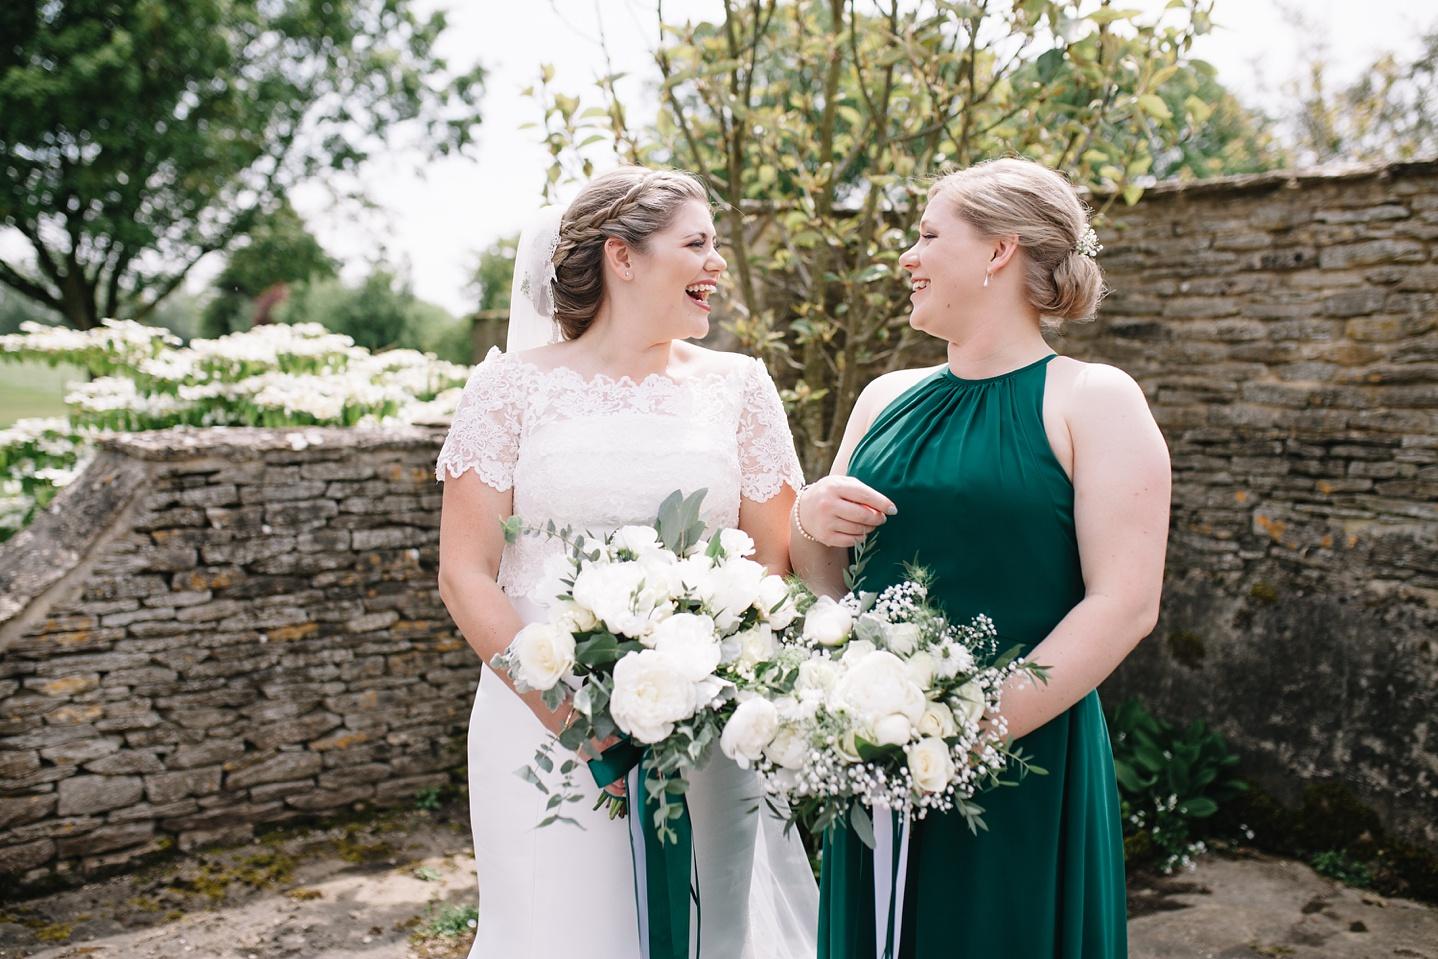 Oxleaze-Barn-Wedding-Photographer_0031.jpg